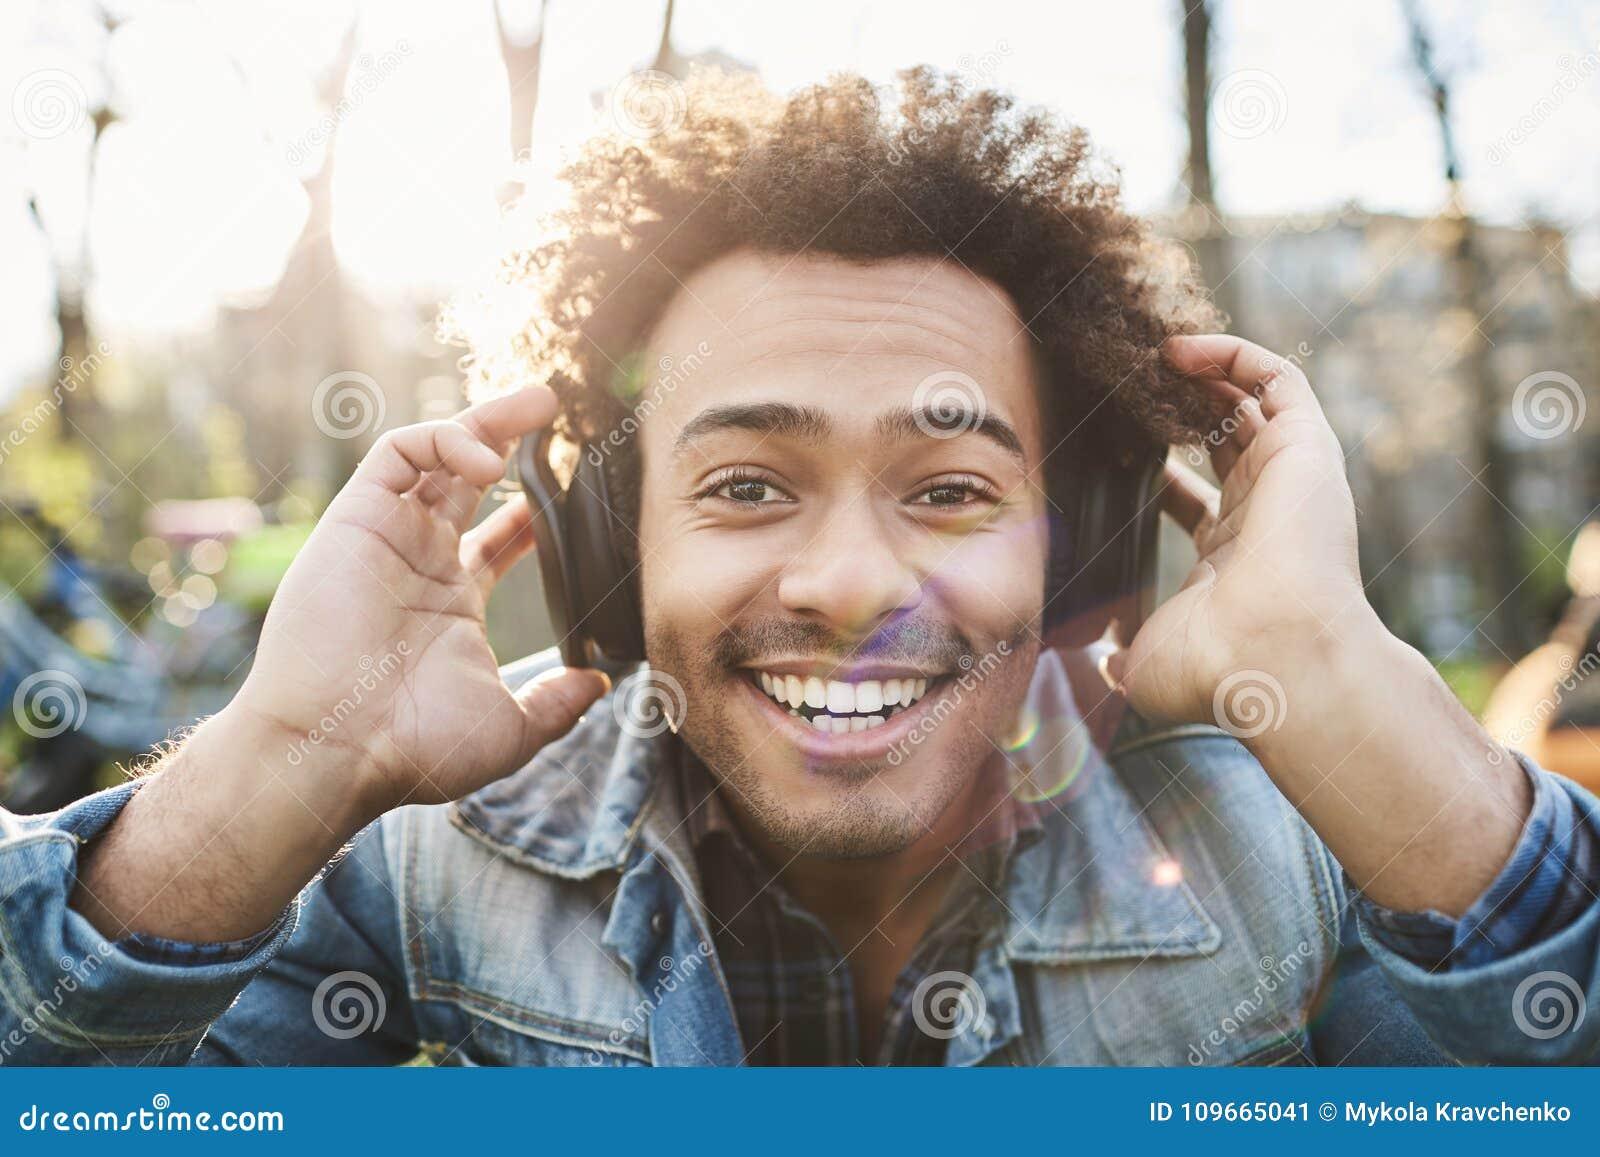 Portret słucha muzyka w hełmofonach pozytywny dorosły ciemnoskóry mężczyzna ono uśmiecha się szeroko podczas gdy siedzący w parku